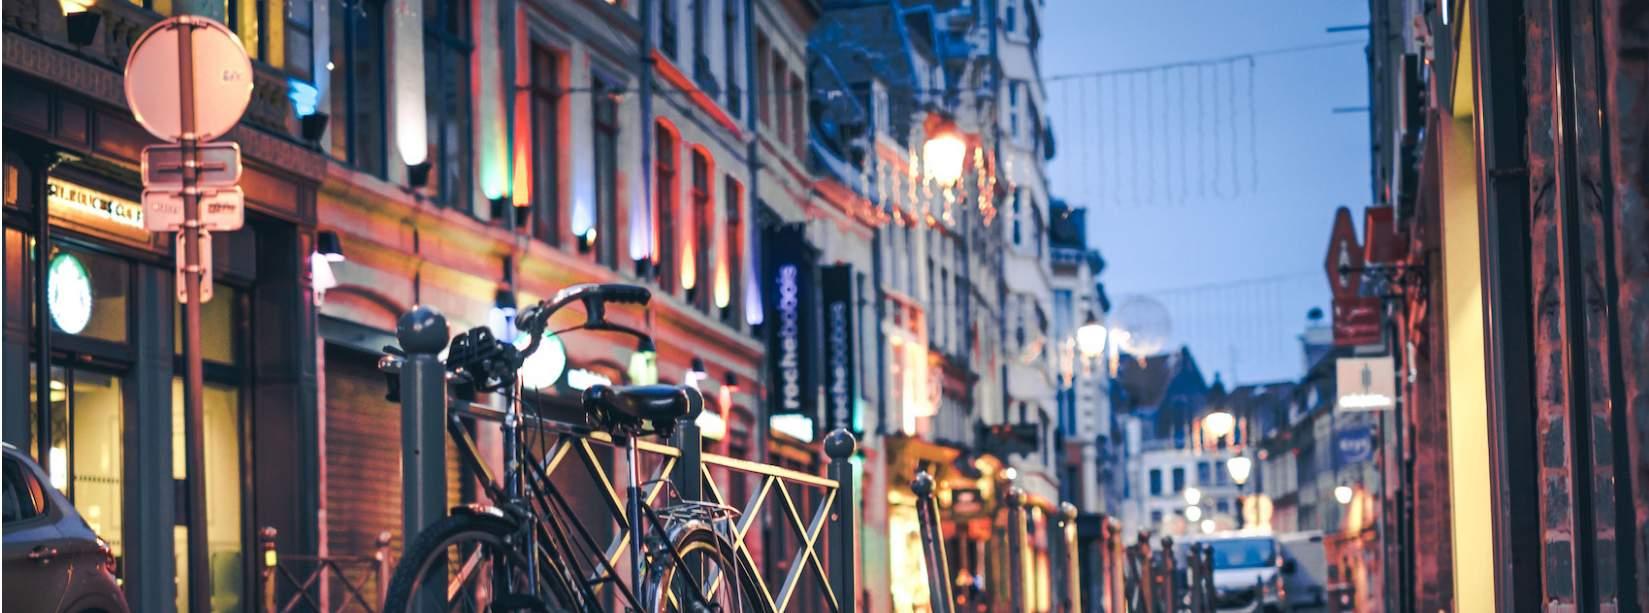 Lille by Jules d/Unsplash